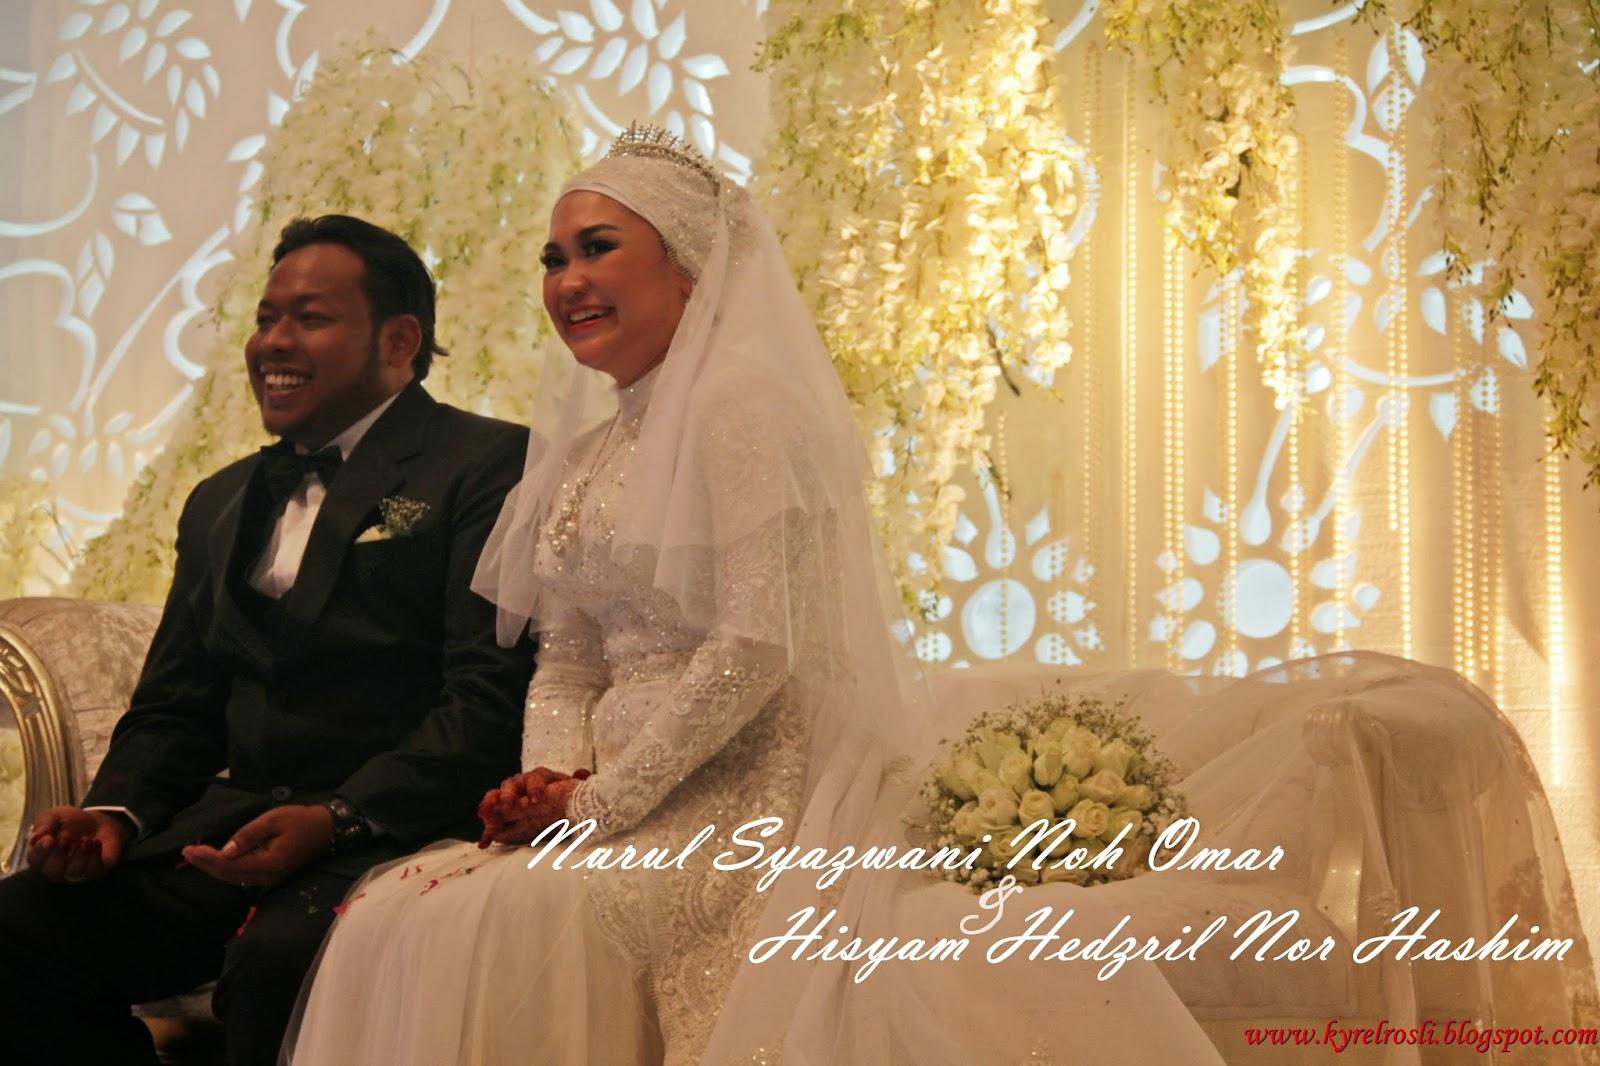 Akad Nikah Nurul Syazwani Noh Omar &  Hisyam Hedzril Nor Hashim